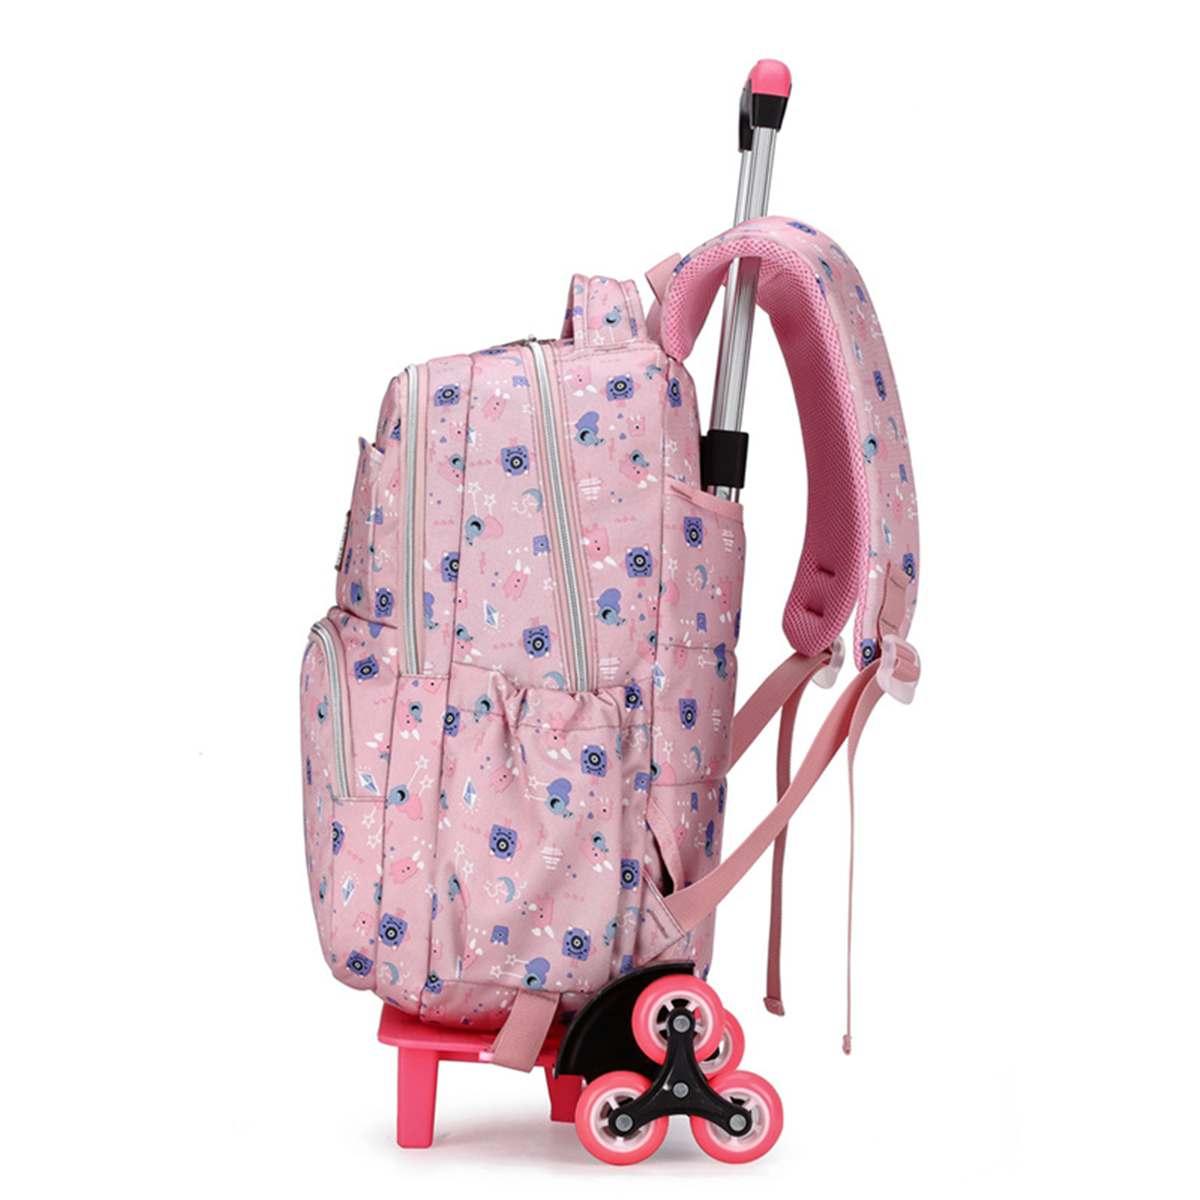 UK 2//6 Wheels Student Teenager School Trolley Backpack Travel Rucksack Tote Bag